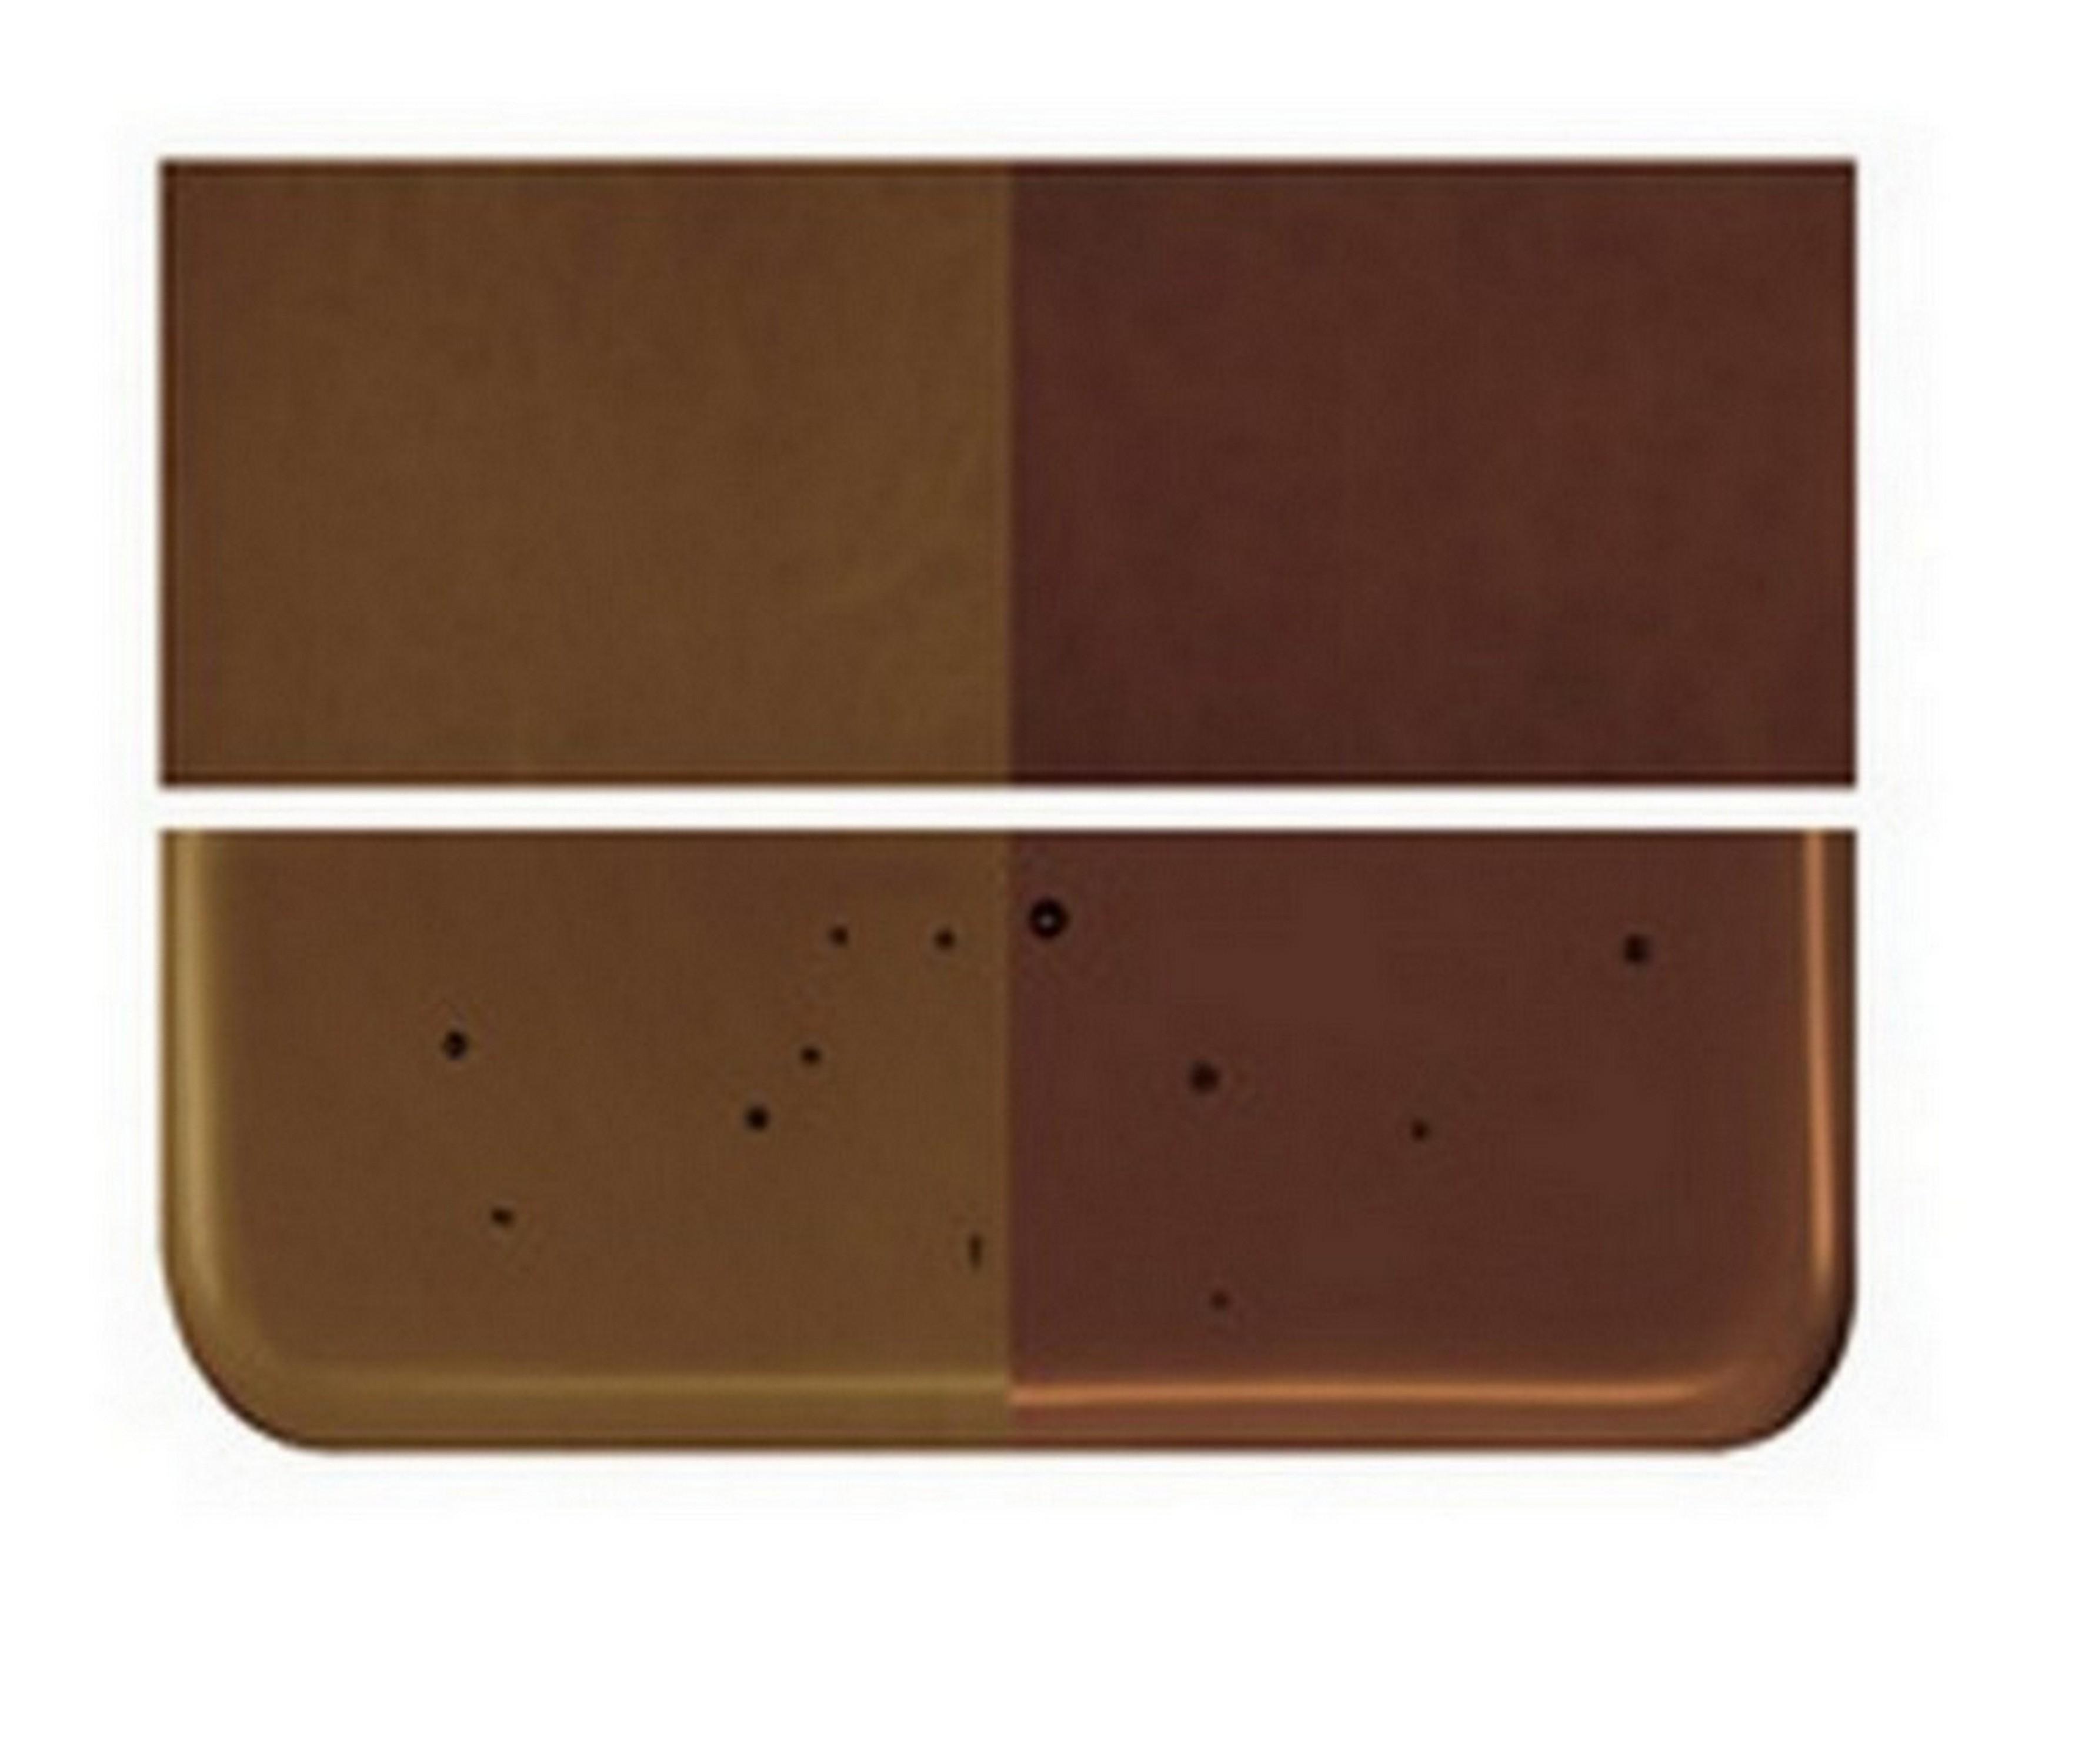 90COE Amber-Brown Transparent